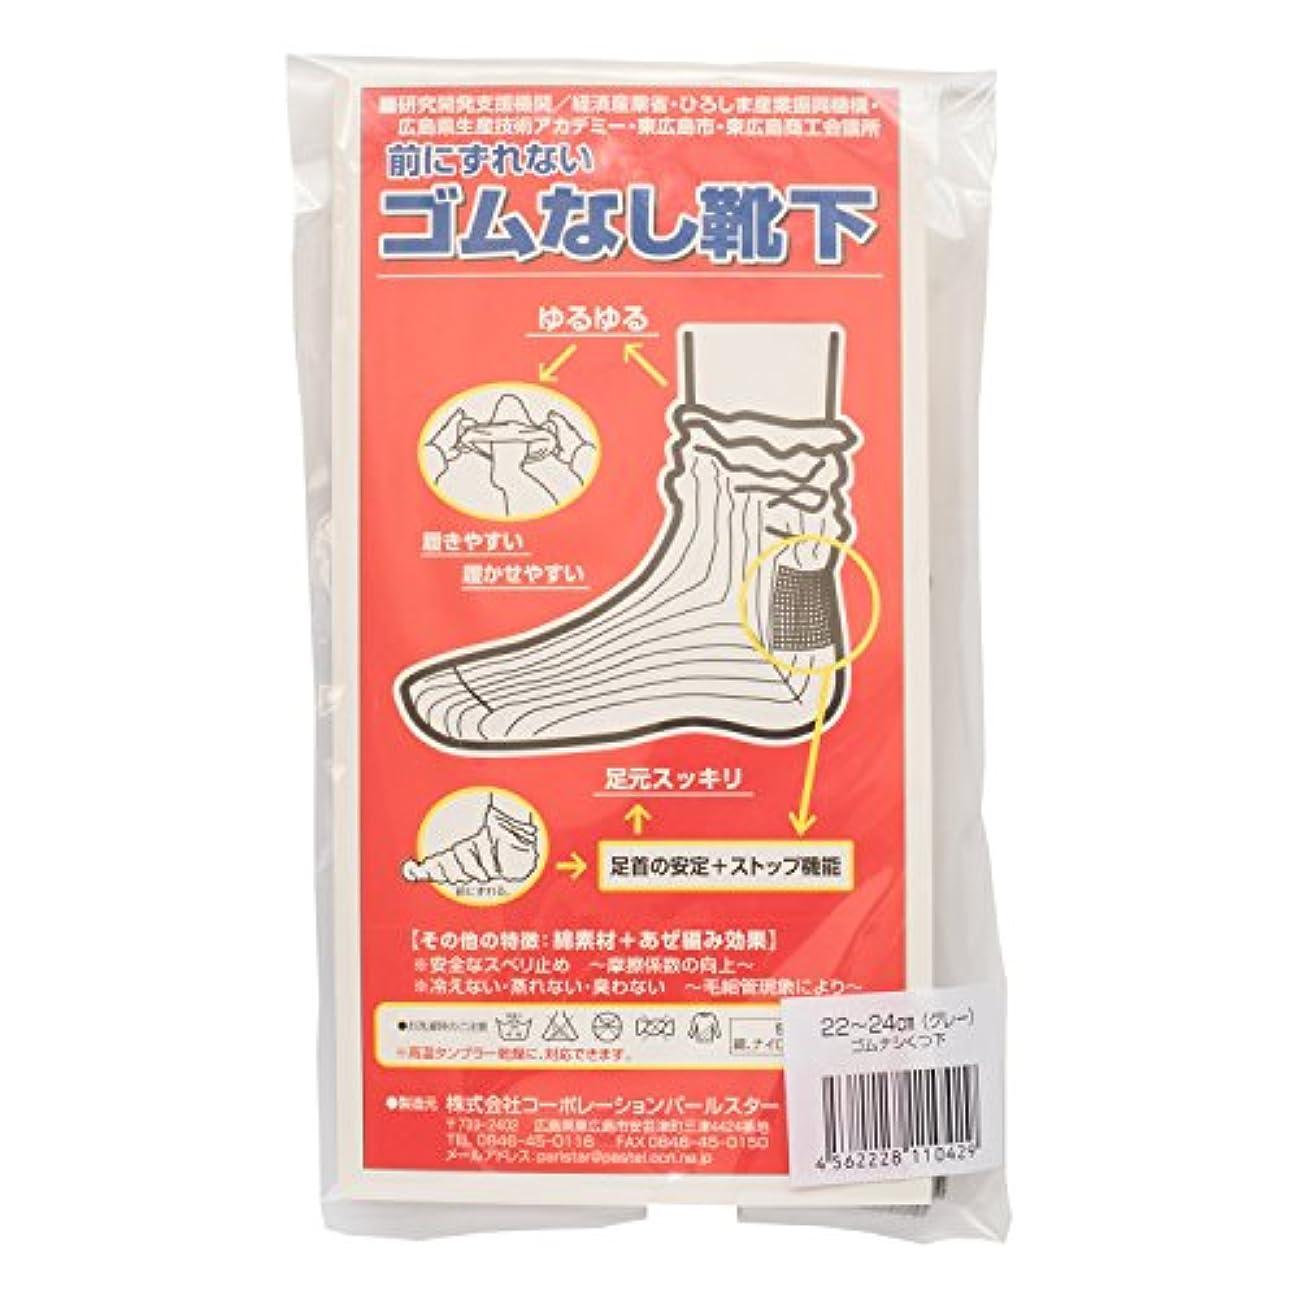 まばたき好きである可能コーポレーションパールスター 前にずれない ゴムなし靴下 グレー 22~24cm